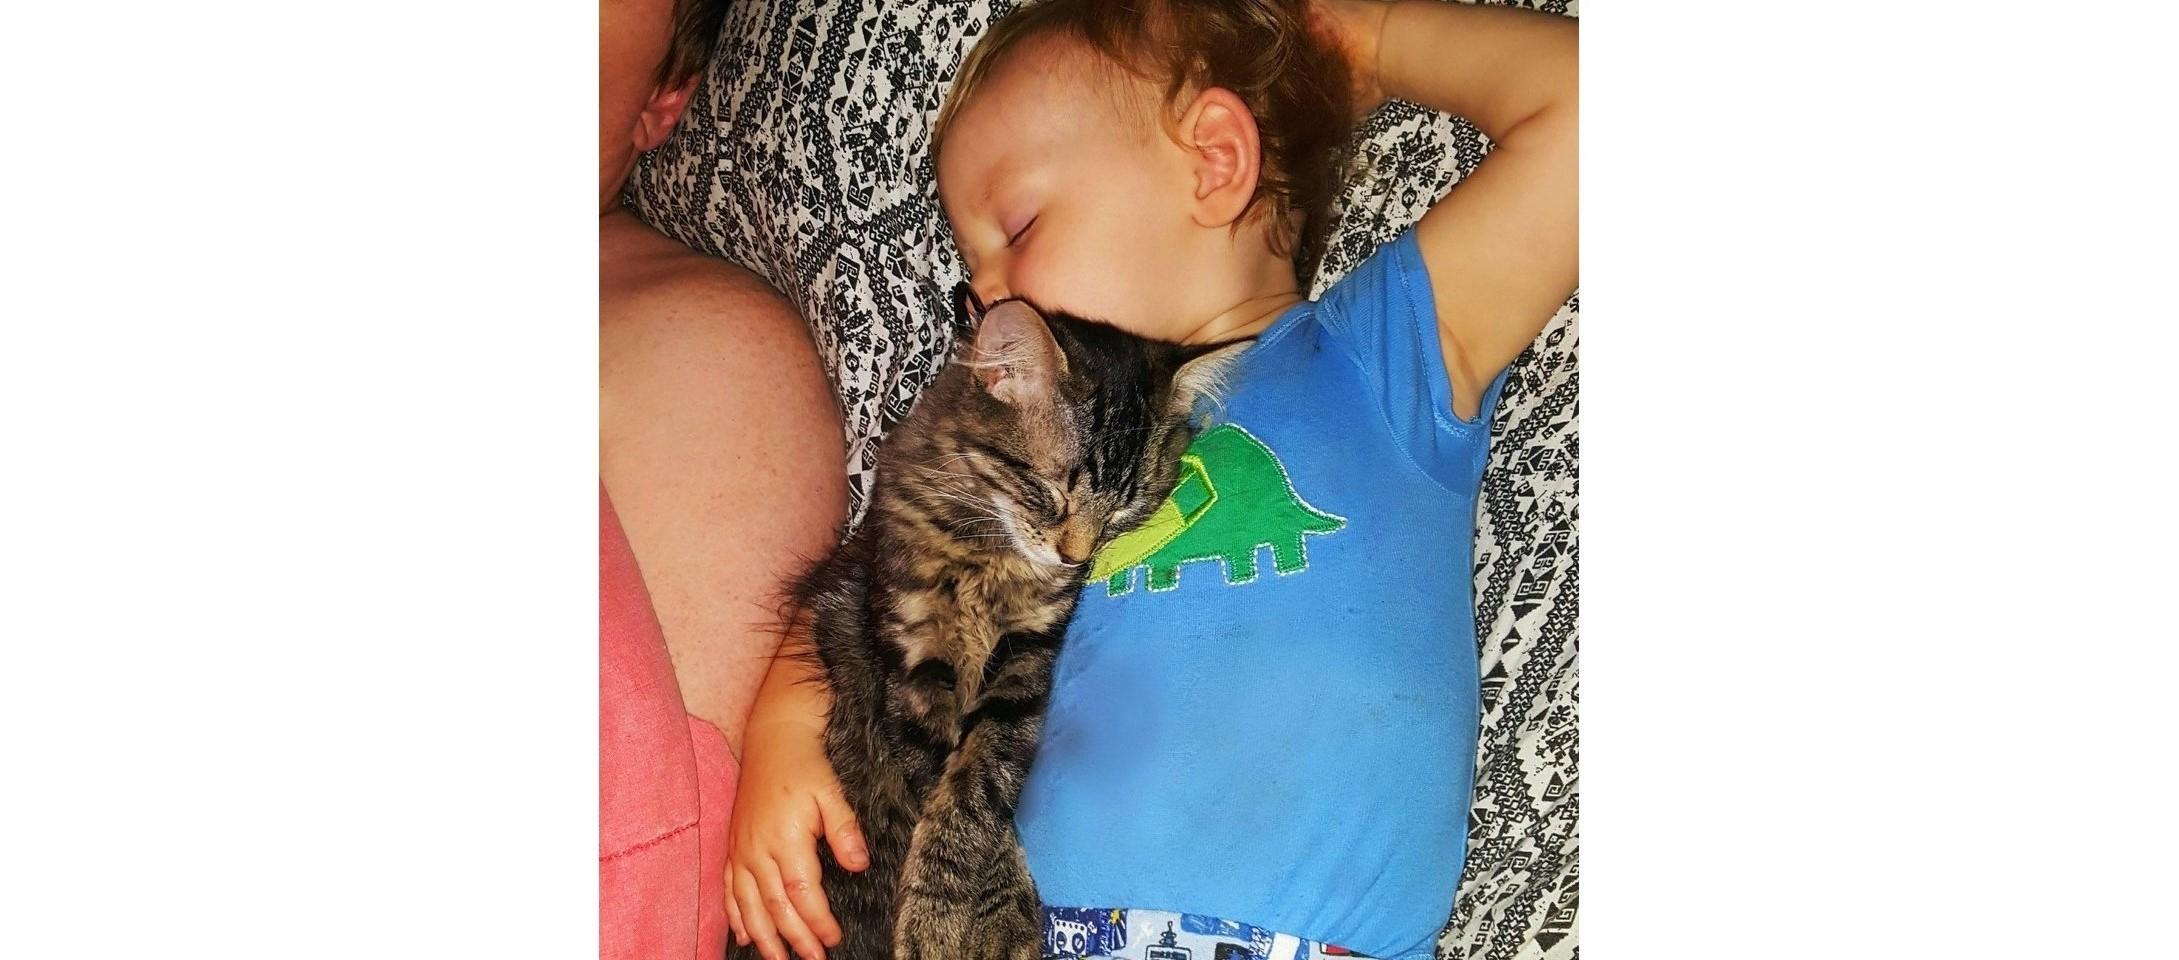 ひとりぼっちで鳴いていた子猫を、保護したら… → 息子にベッタリ、仲良し兄弟になりました♡ 6枚